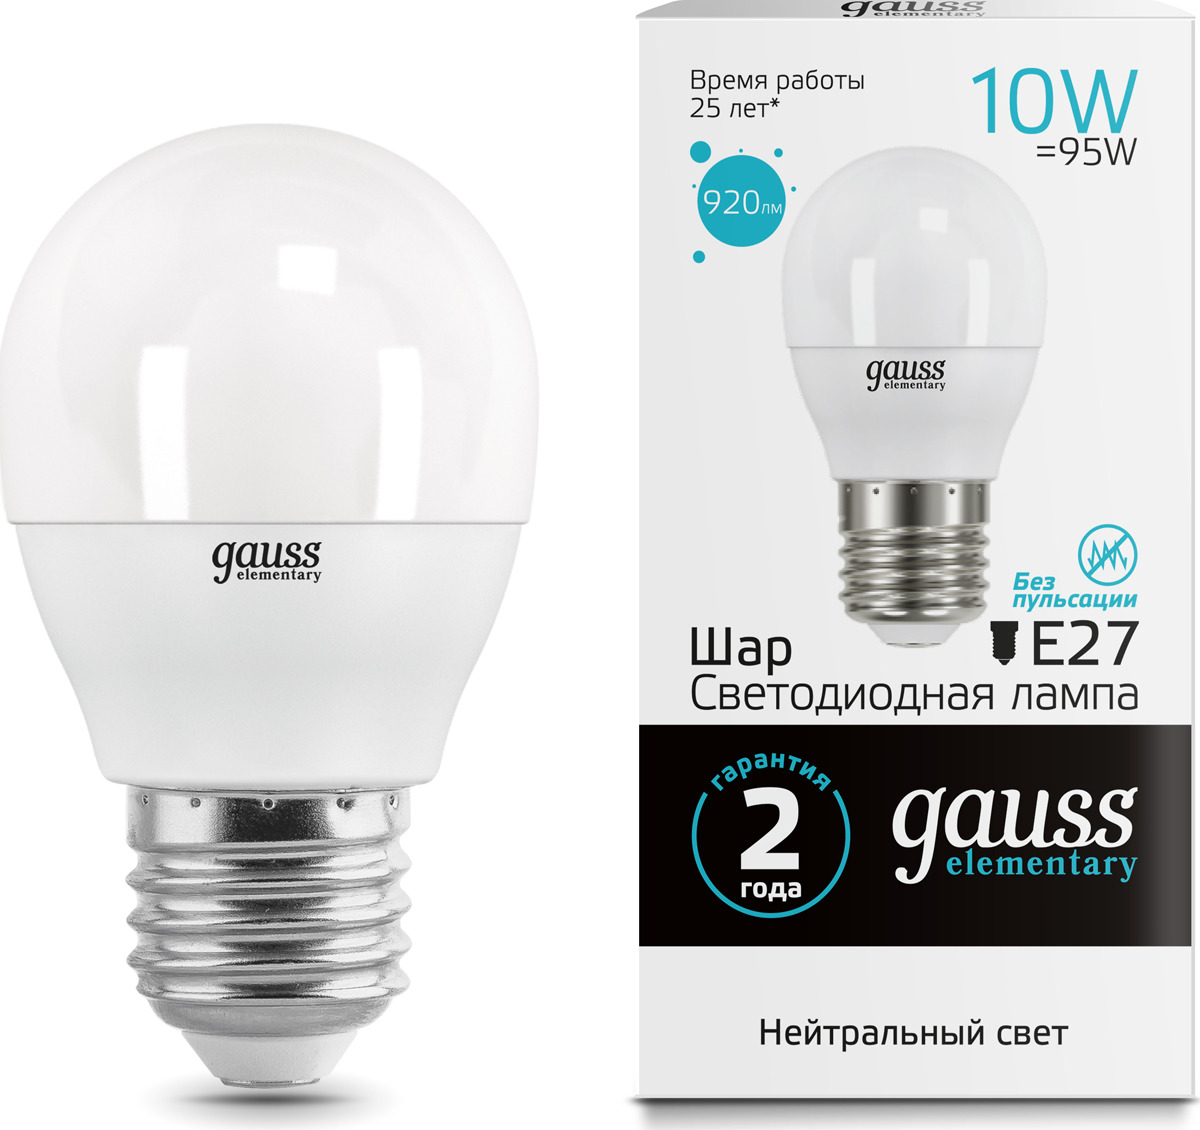 Лампочка Gauss Elementary LED, 53220, шар, E27, 10W